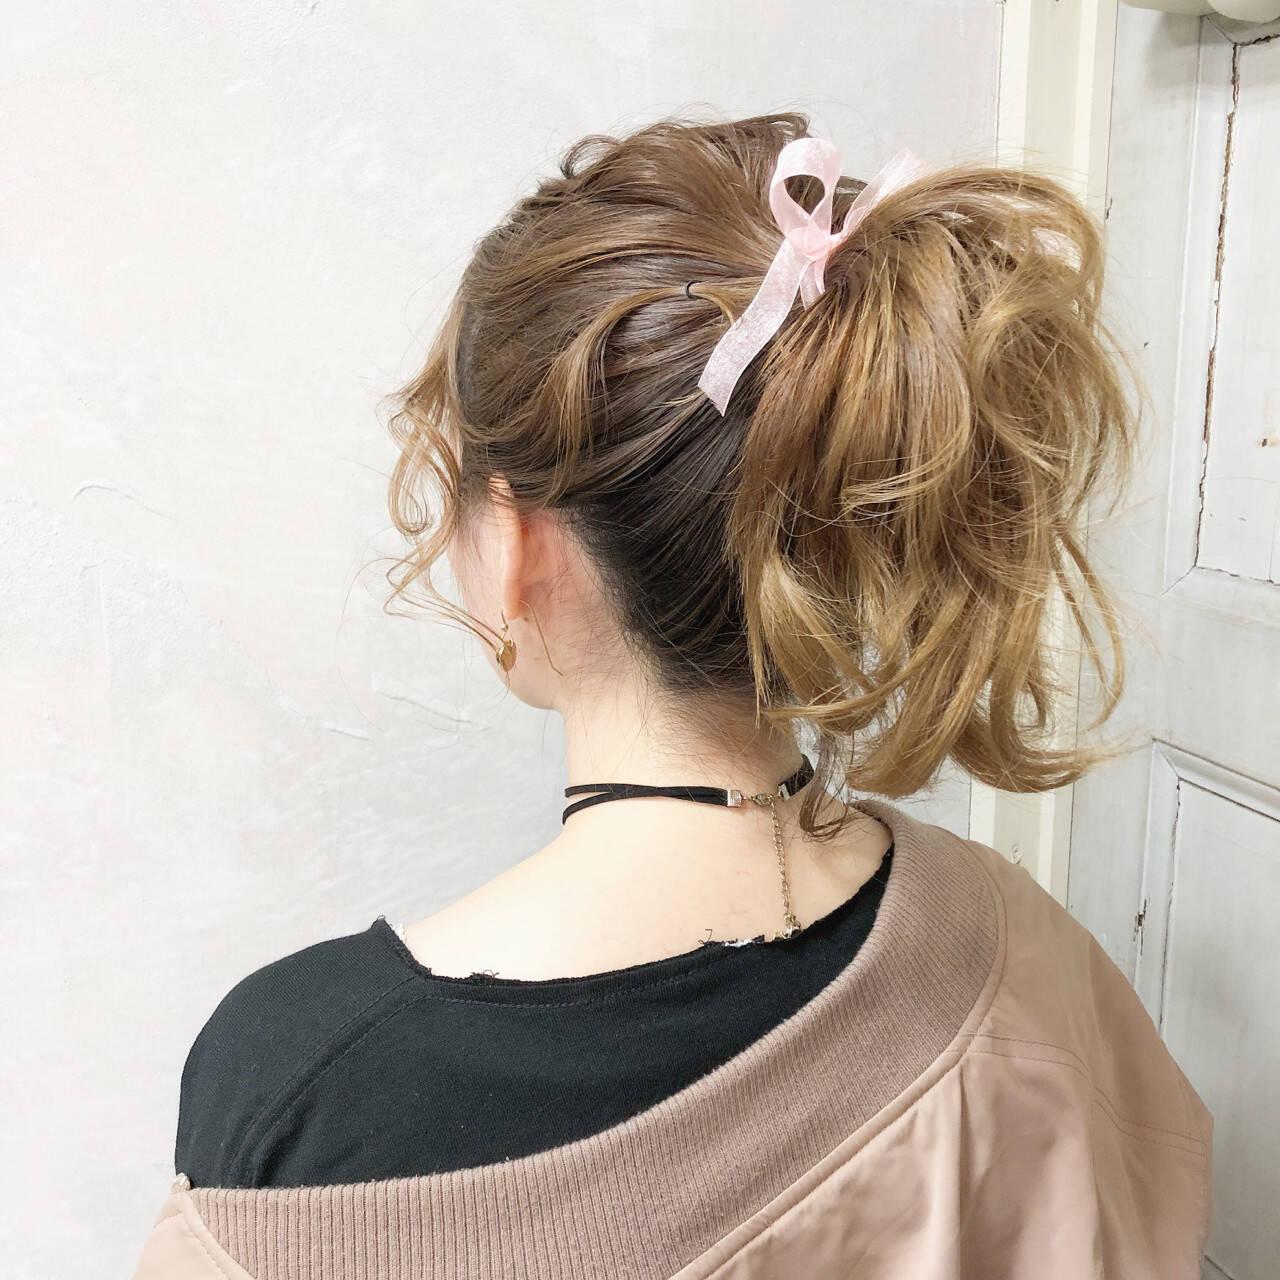 ポニーテール 簡単ヘアアレンジ ガーリー デートヘアスタイルや髪型の写真・画像